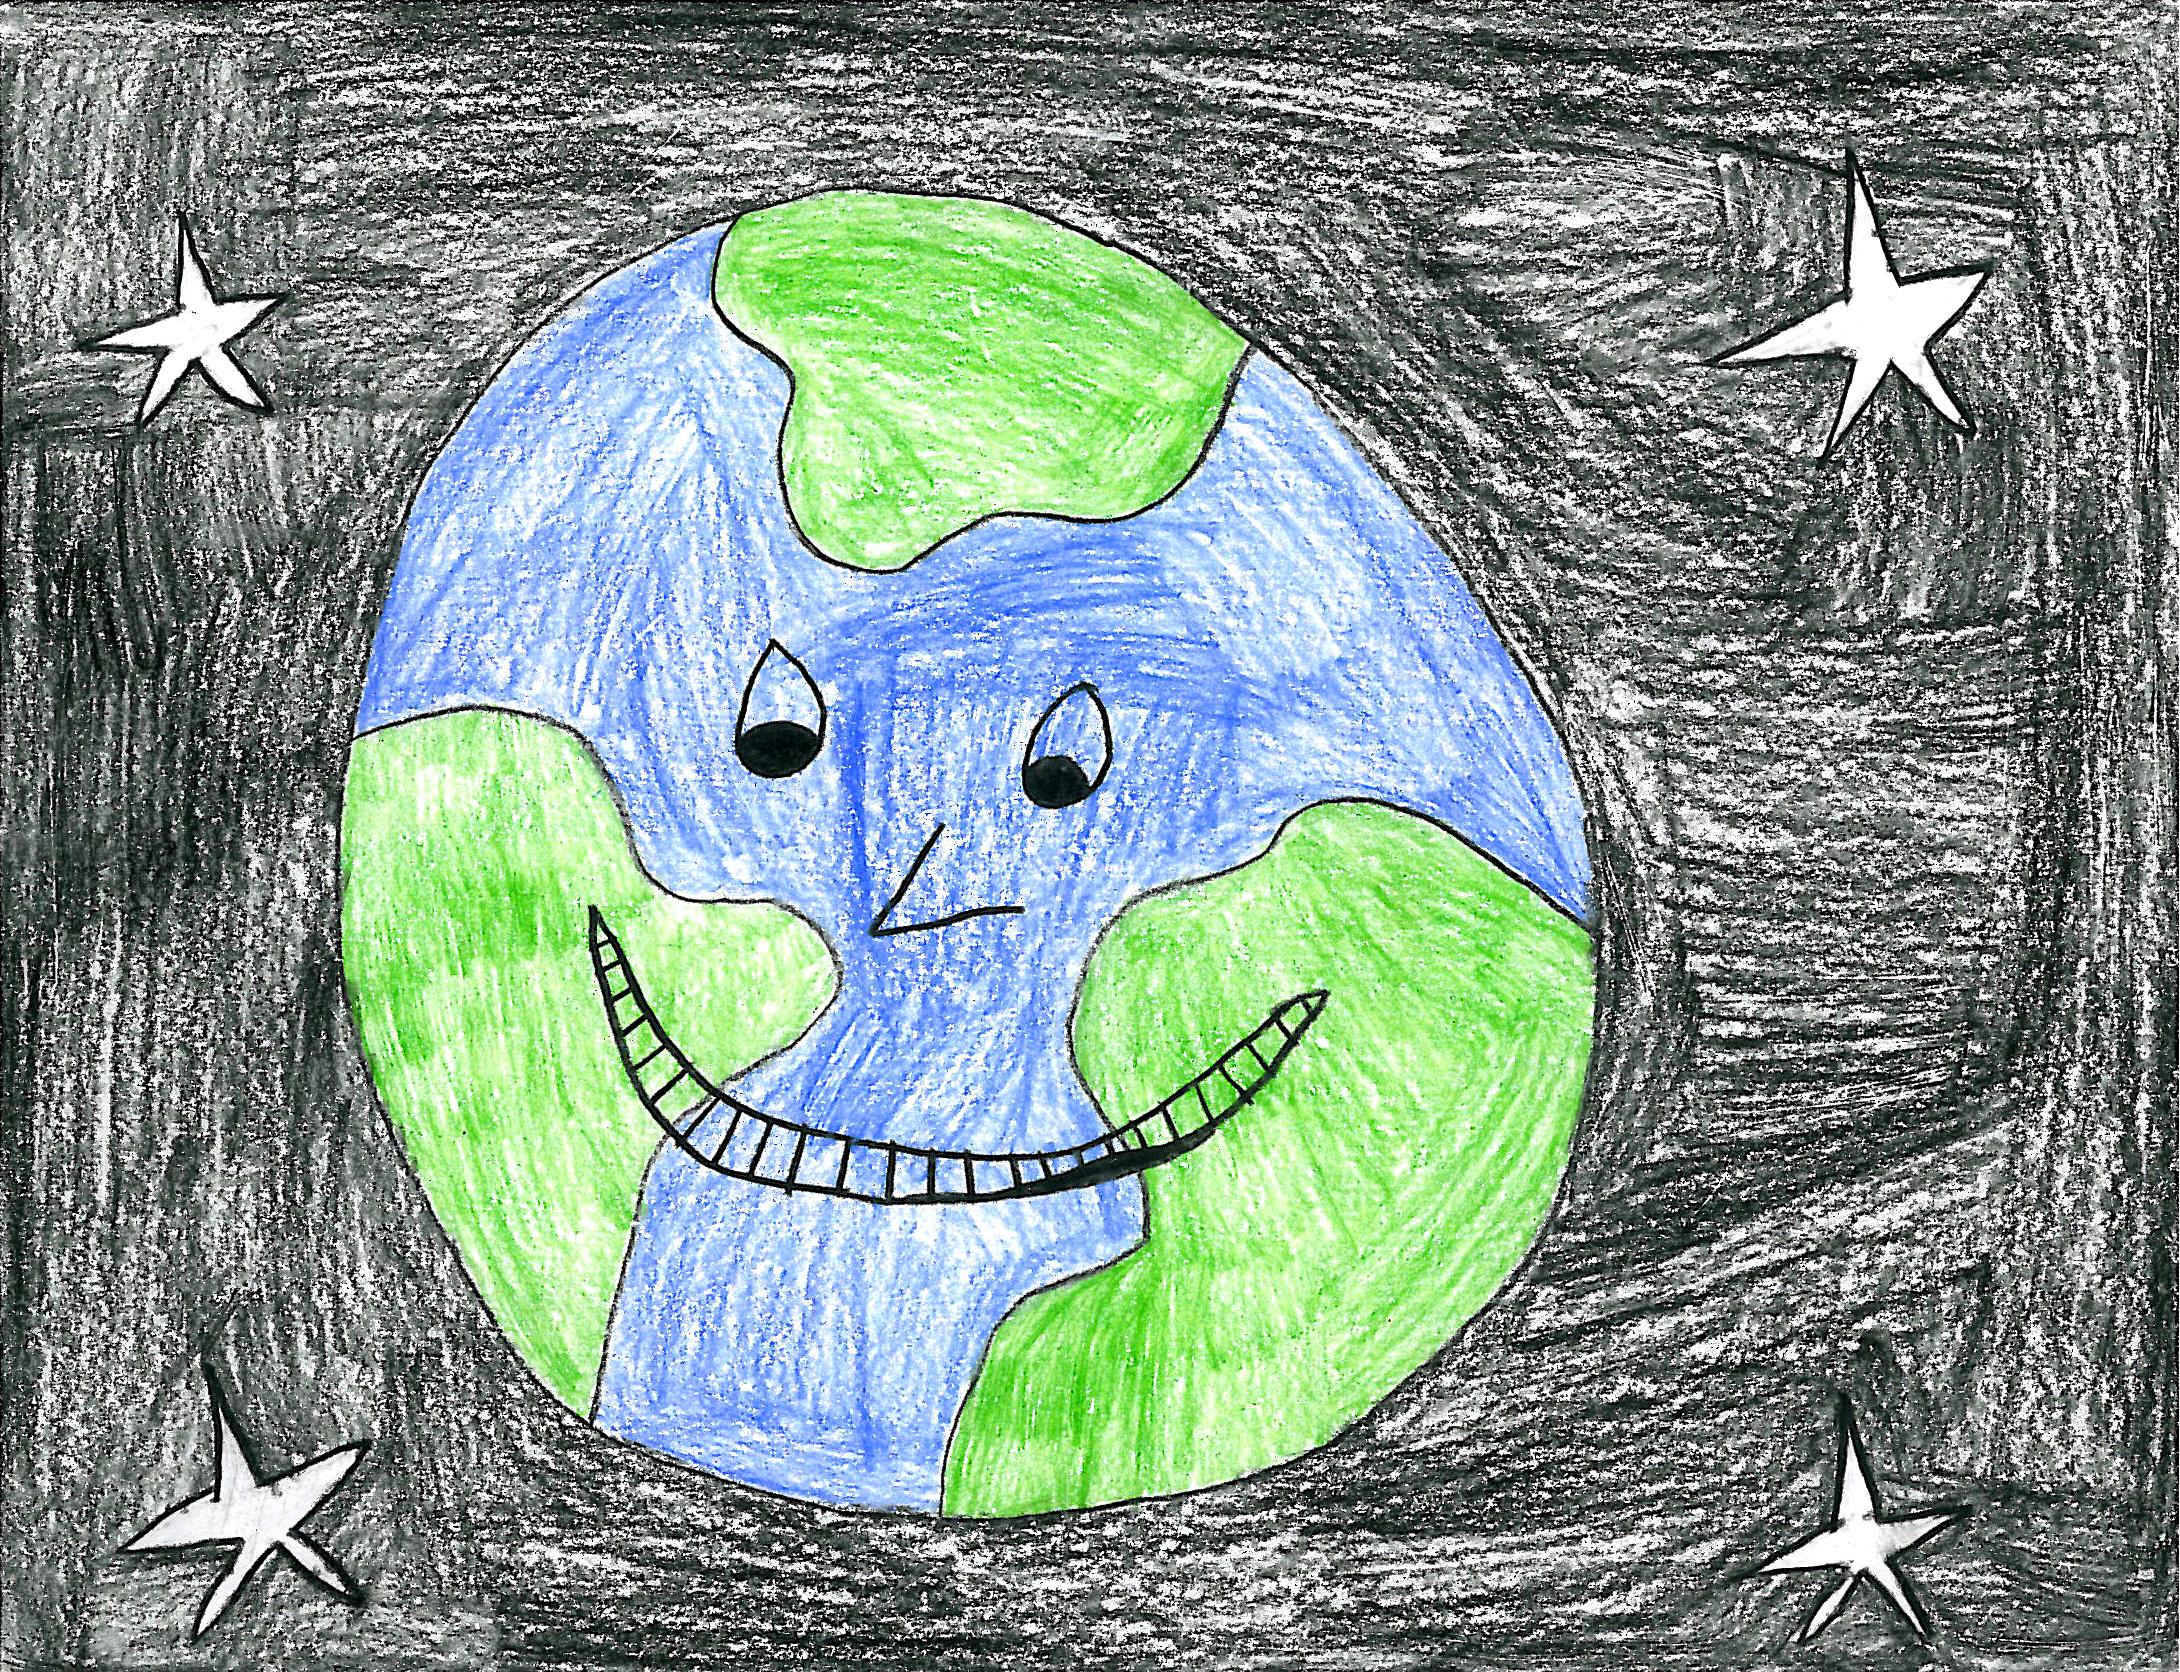 omnitrans kid drawings Archives - Omnitrans News